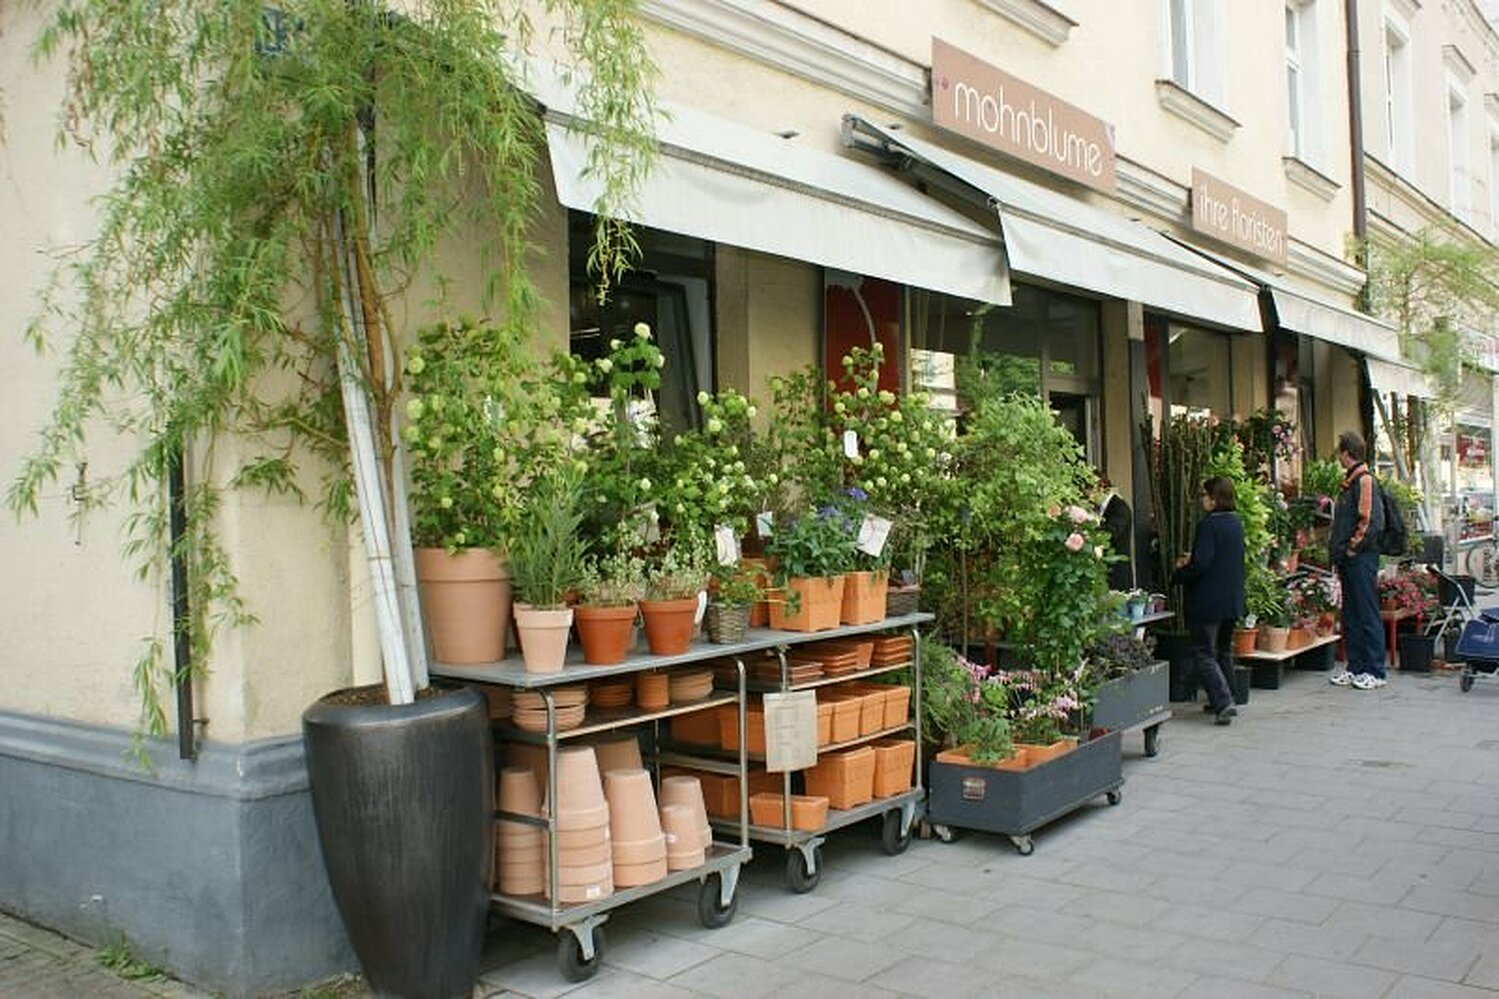 Mohnblume Sonja Husch Volkartstr Neuhausen Munchen Dienstleistung Willkommen